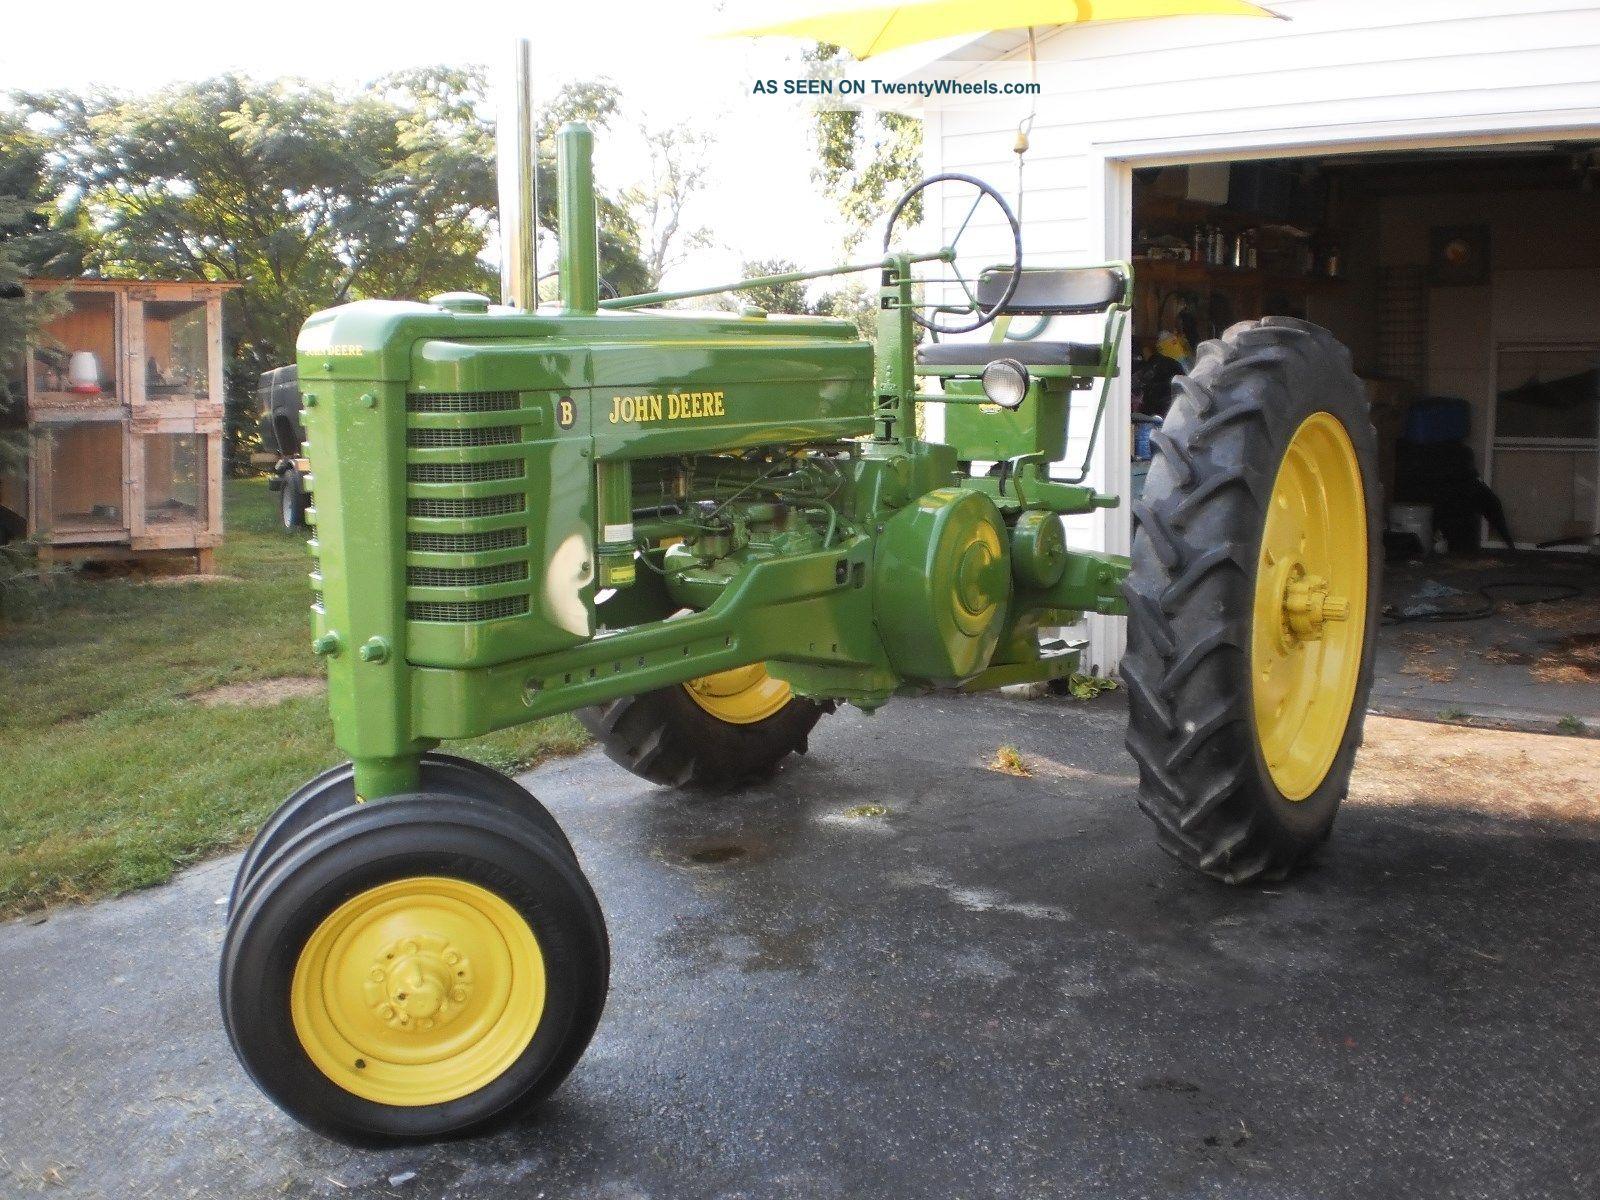 Old John Deere Tractors : Vintage john deere b tractor restored